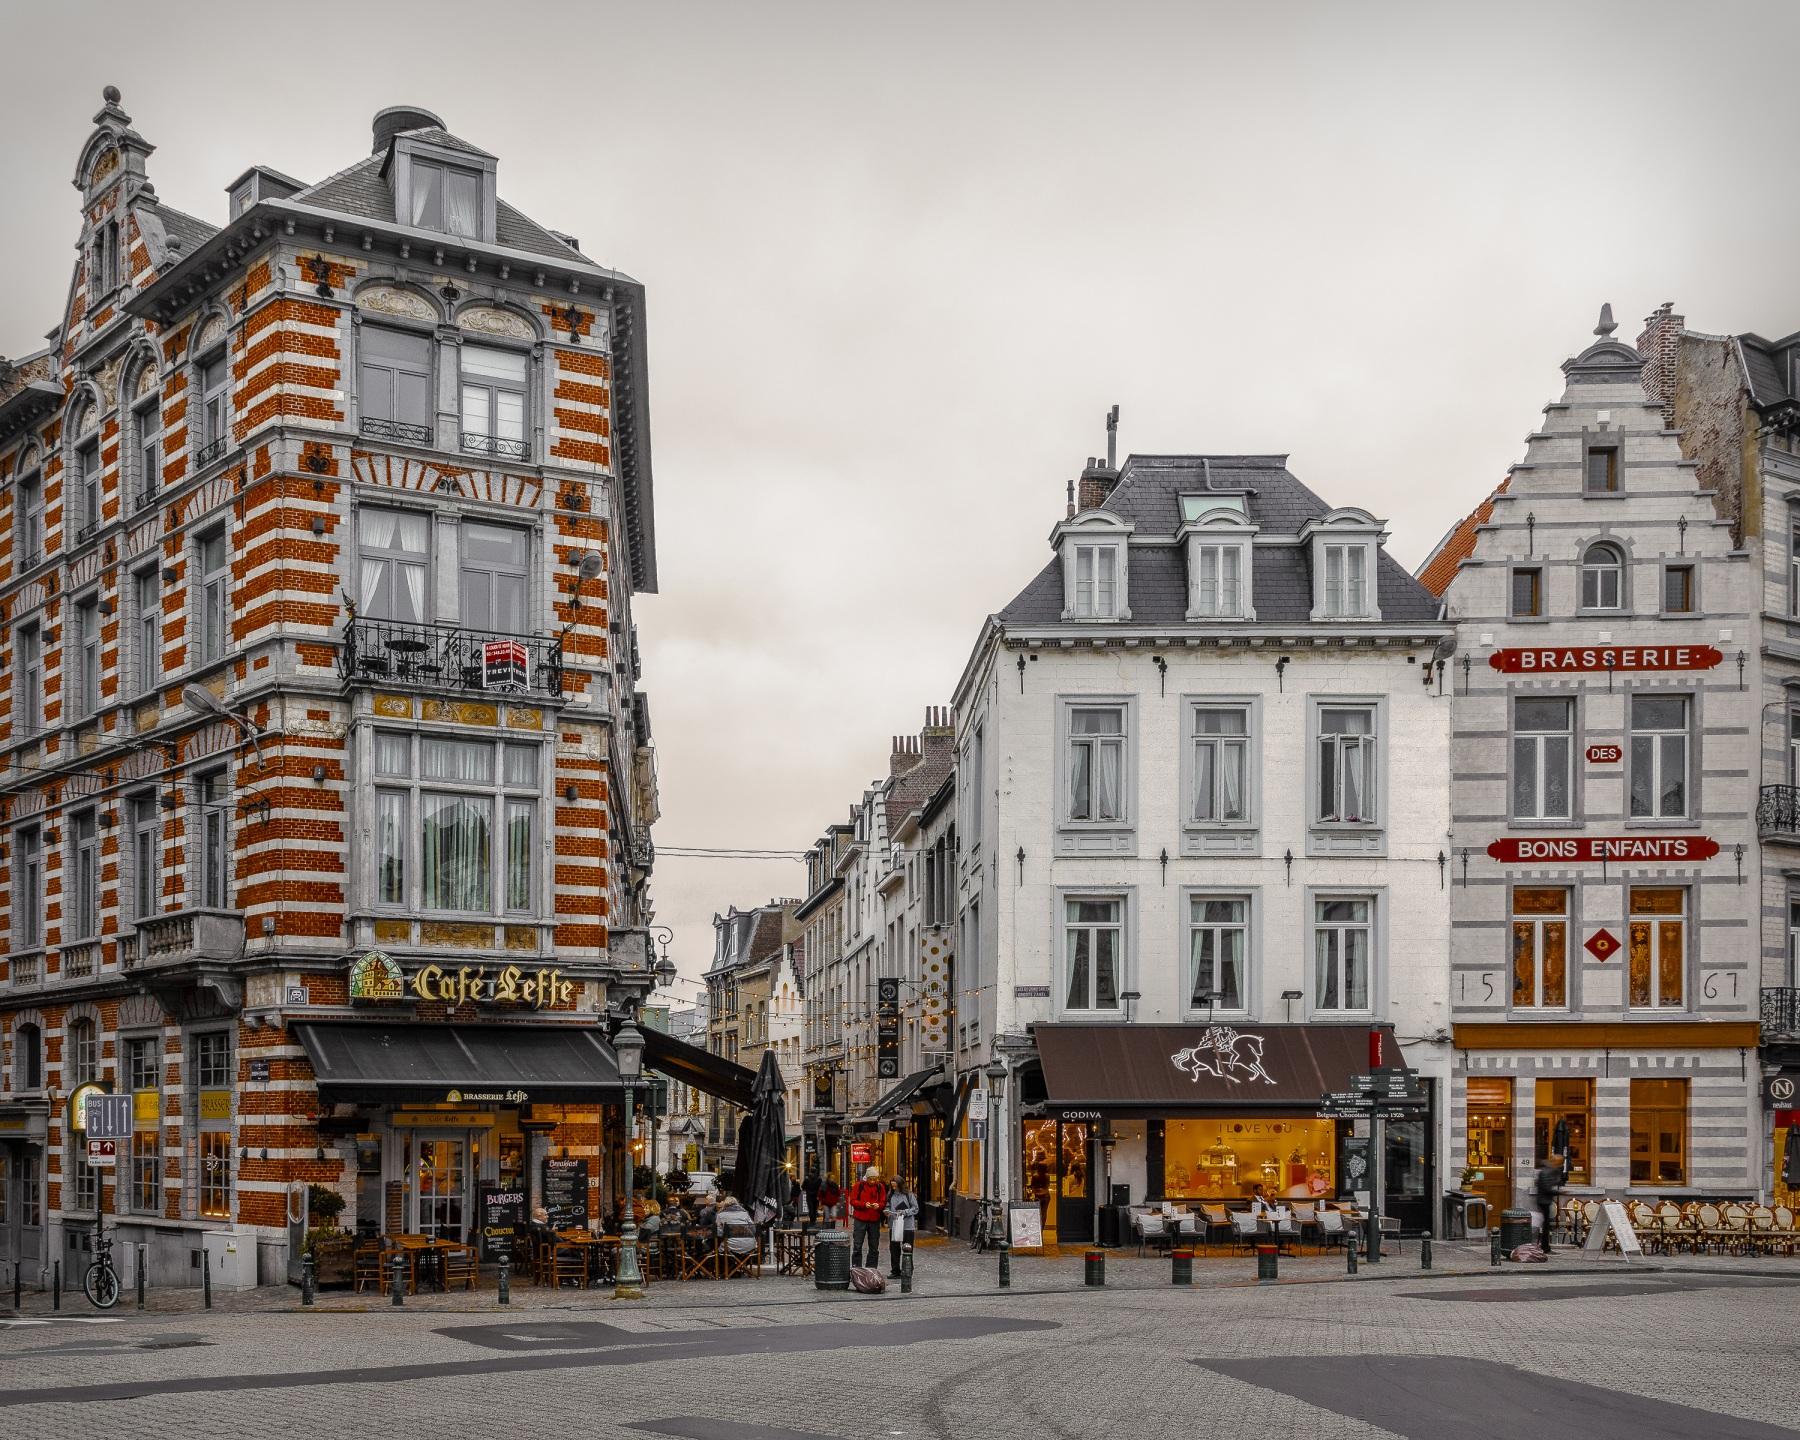 Обои для рабочего стола Бельгия Brussels Кафе Улица Города Здания 1800x1440 улиц улице Дома город